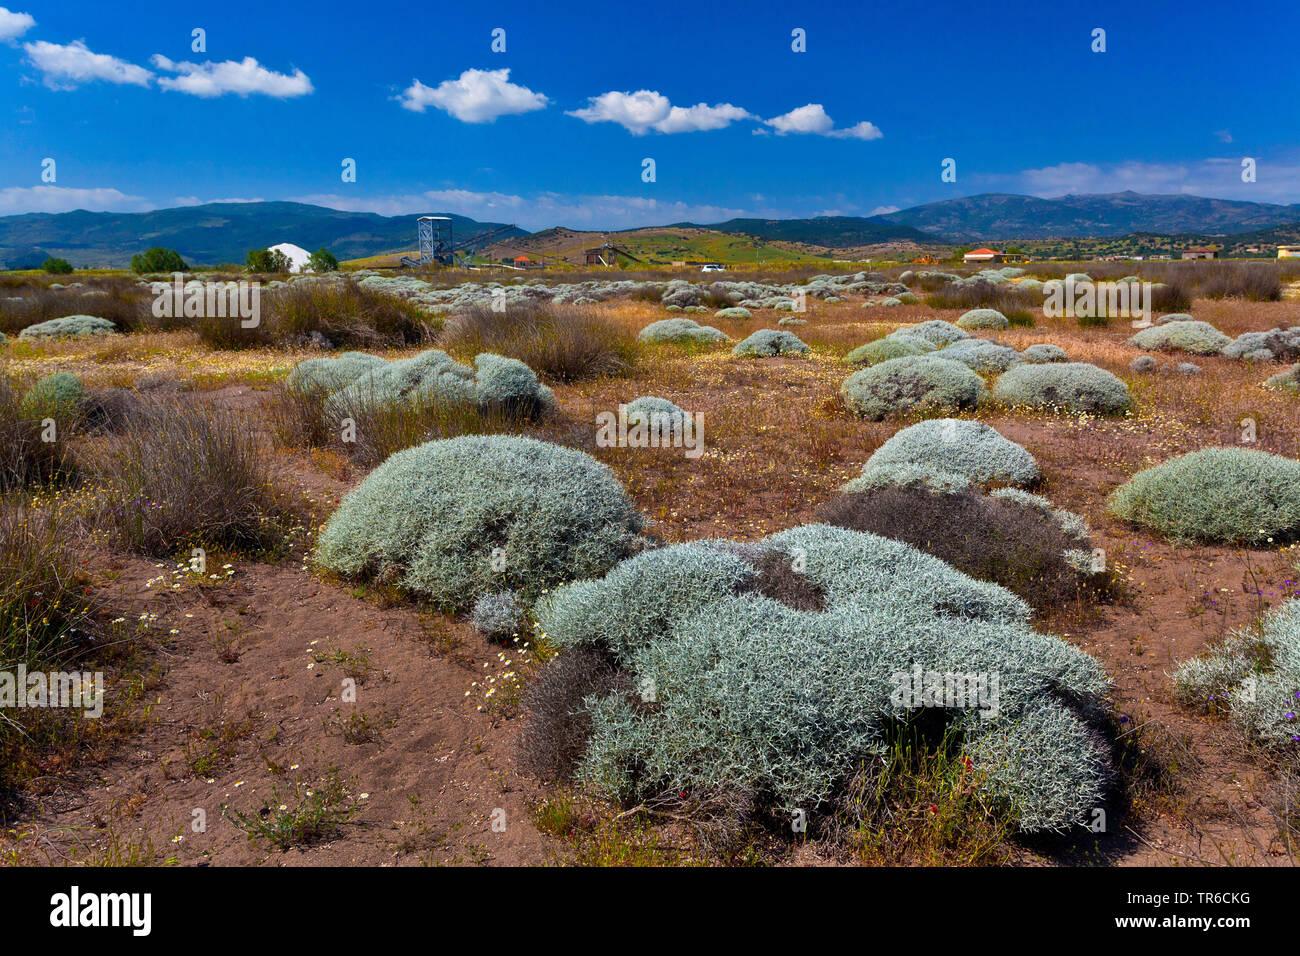 Pflanzen in der Bucht von Kaloni, Mytilini, Griechenland, Lesbos, Aegaeis   plants near beach, Bay of Kaloni, Mytilini, Greece, Lesbos, Aegean Sea   B - Stock Image